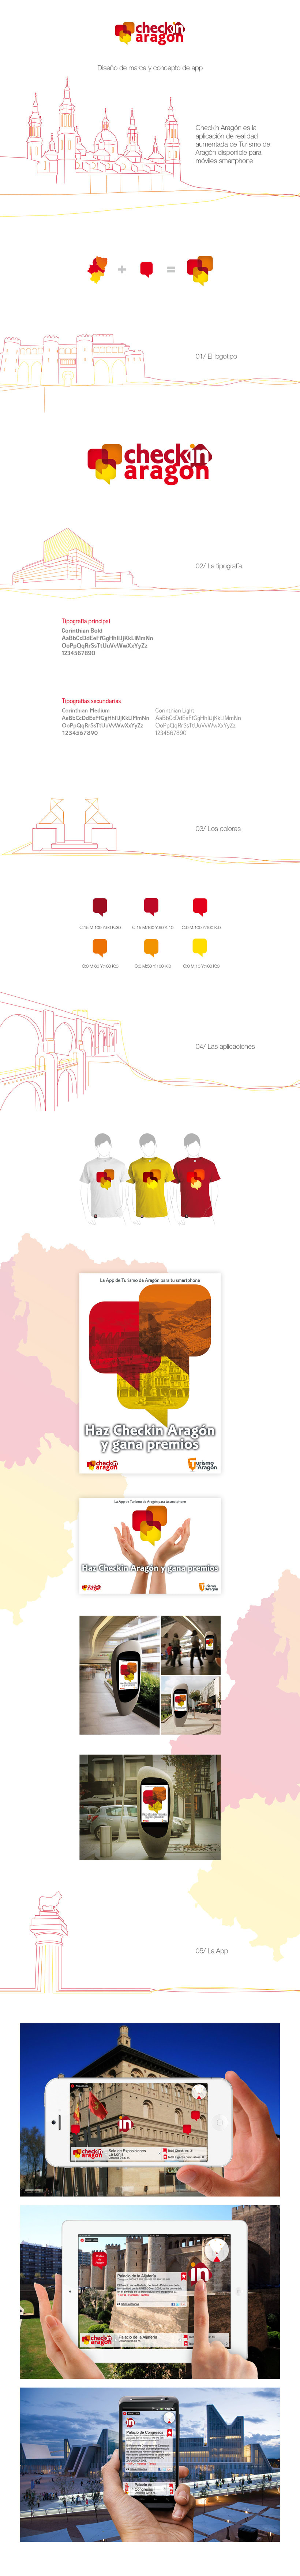 Checkin Aragón | Branding + App Concept -1